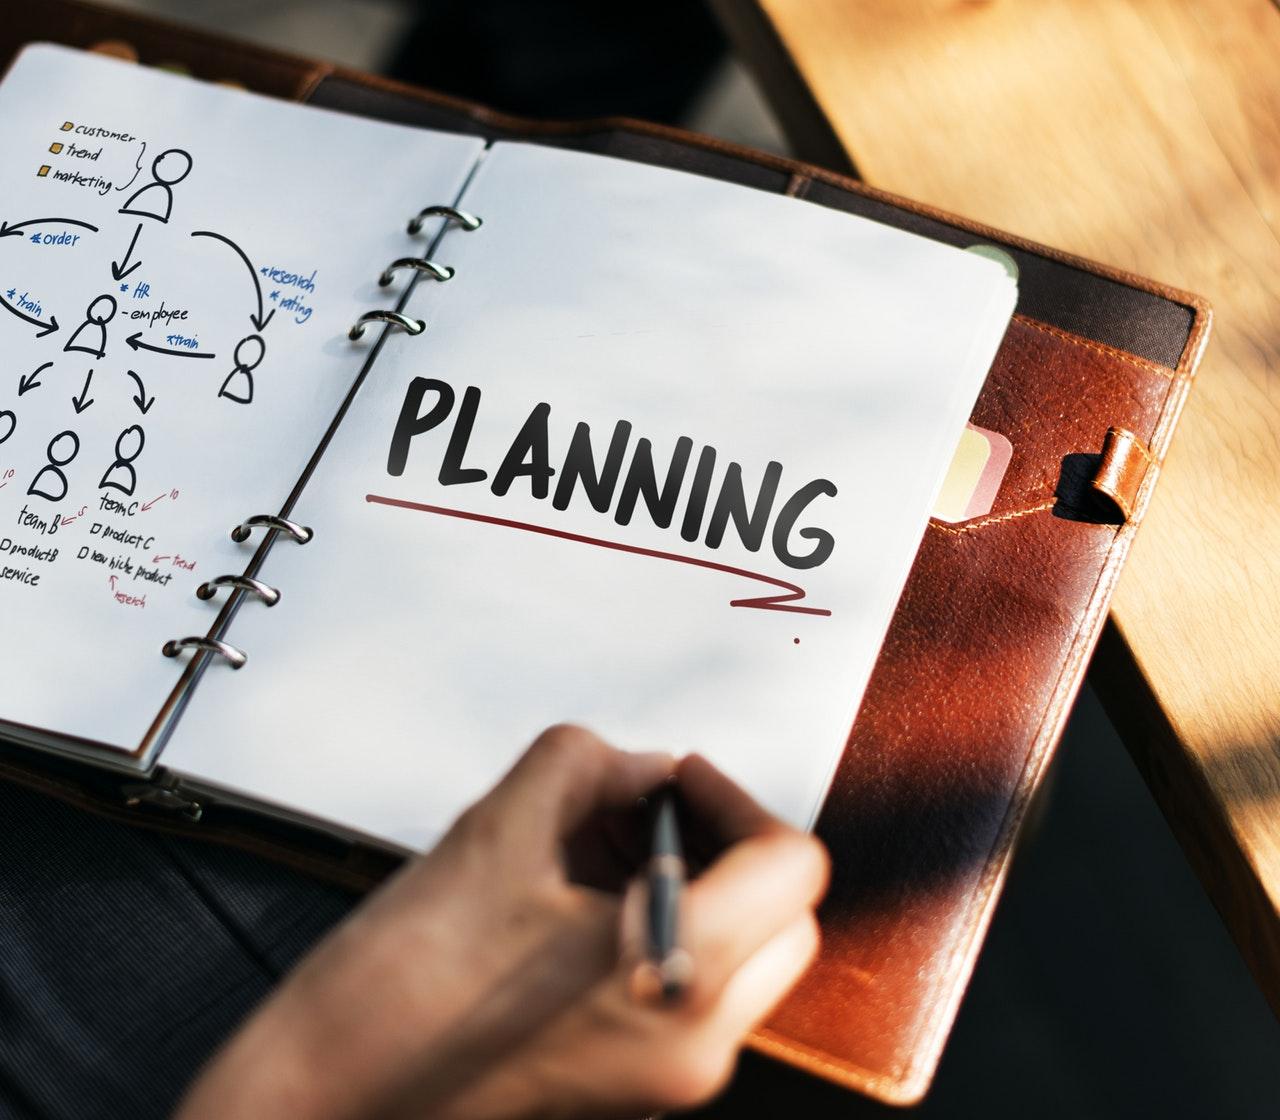 planlægning, planer, produktivitet, produktiv, to do, lister